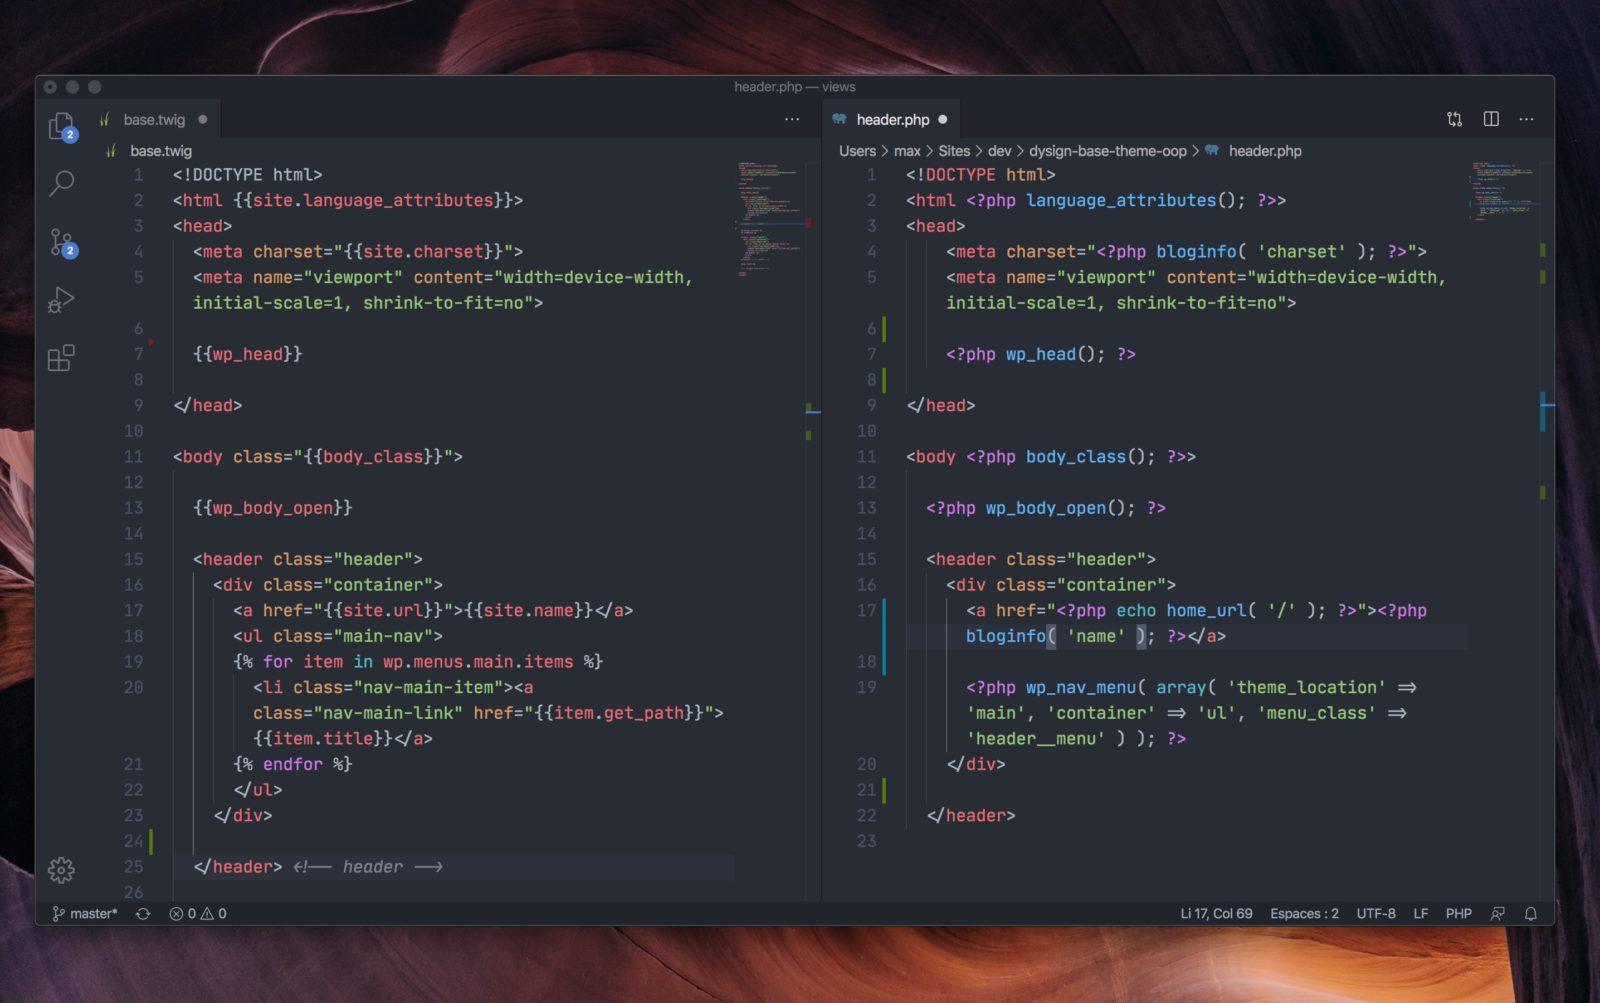 Capture d'écran d'un éditeur de code montrant l'en-tête d'un site sous Twig et son équivalent PHP